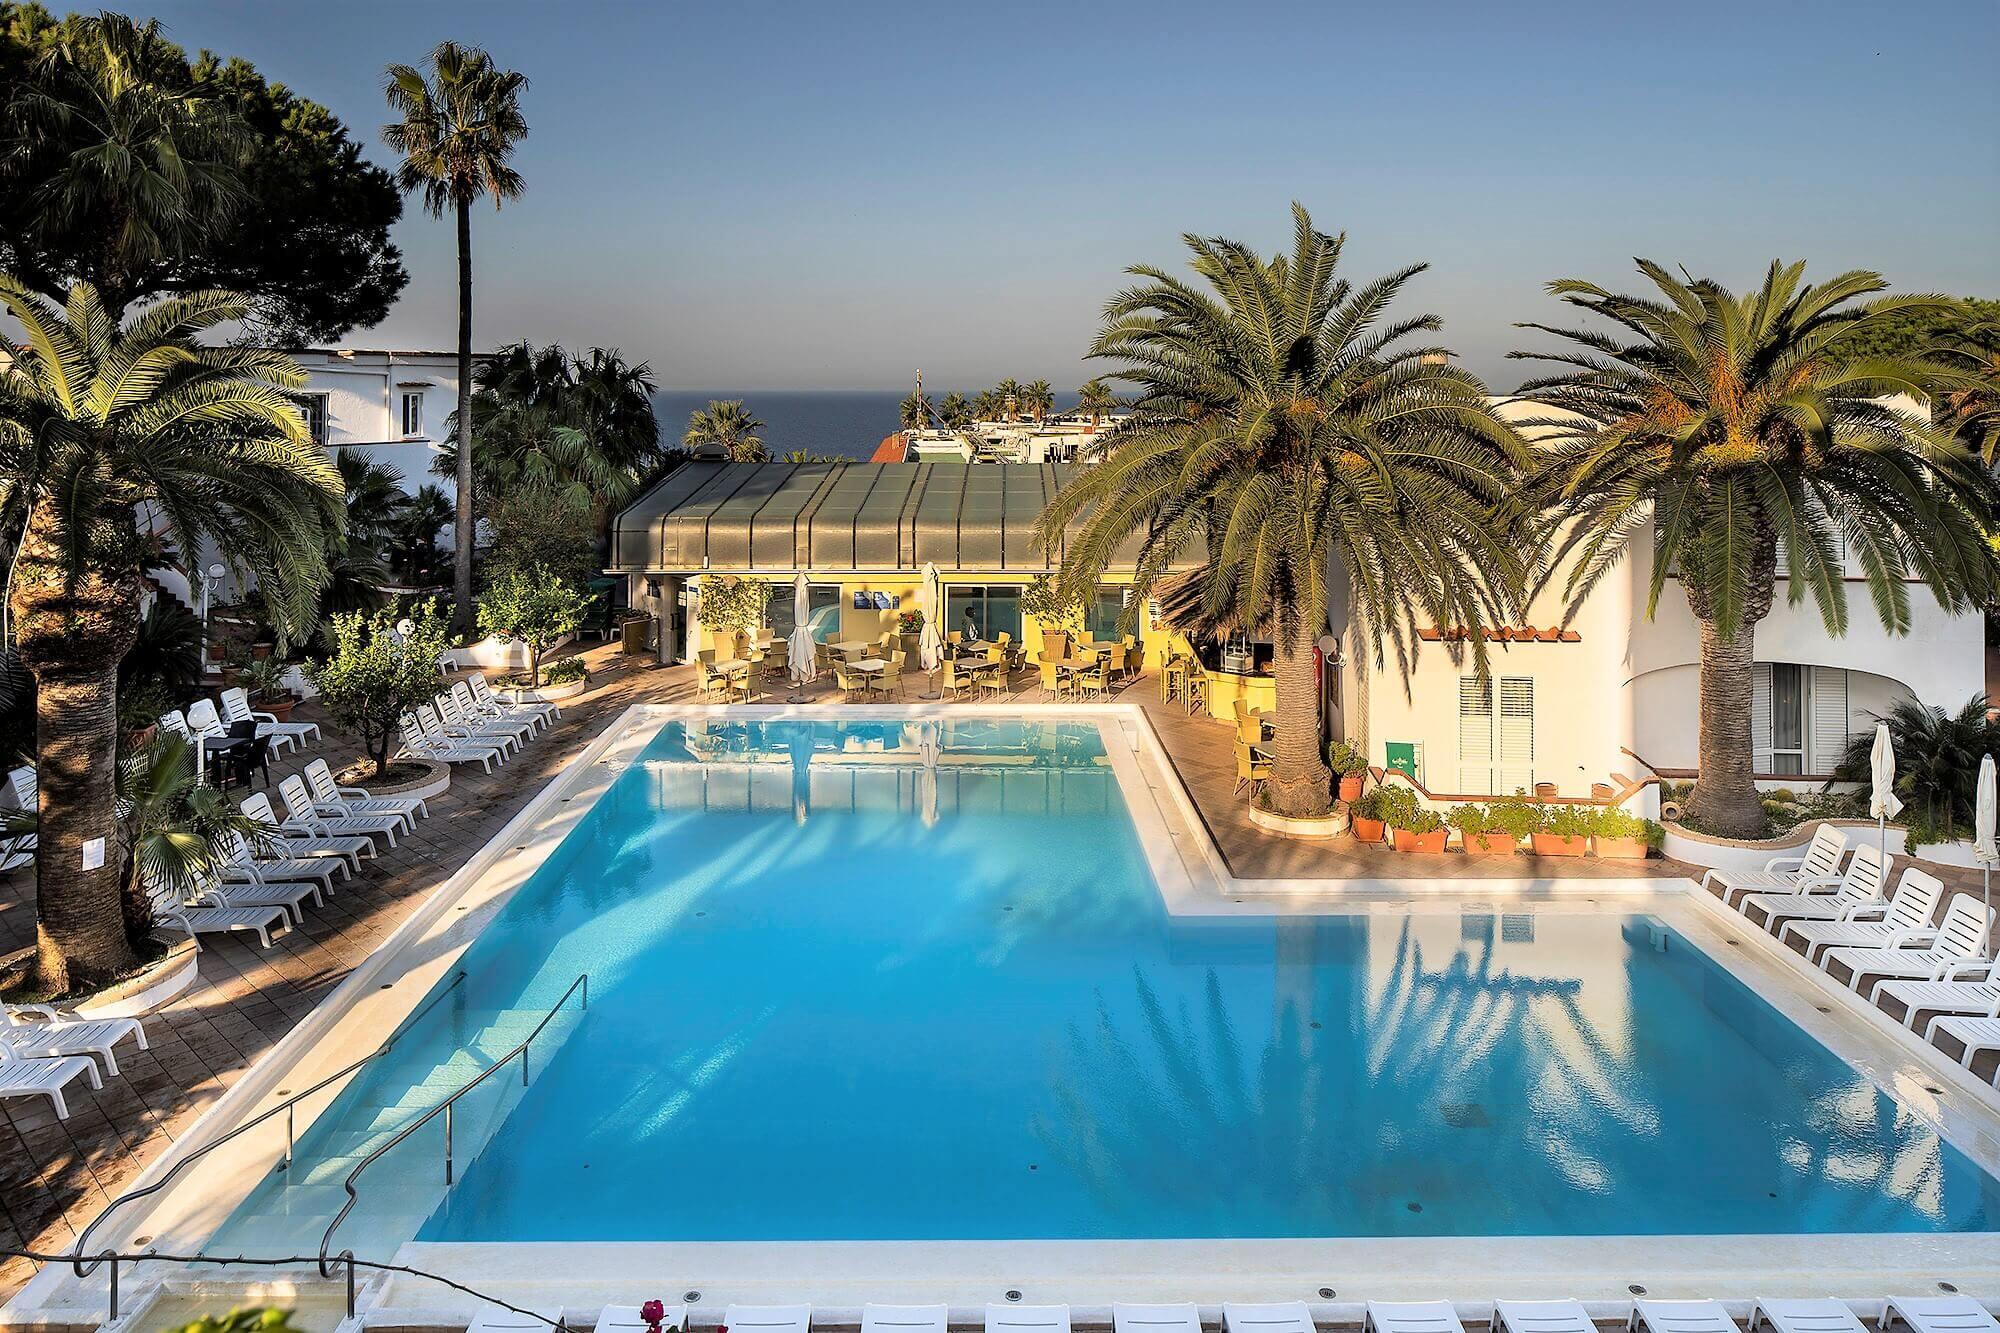 piscina-esterna-hotel-royal-palm-ischia-forio